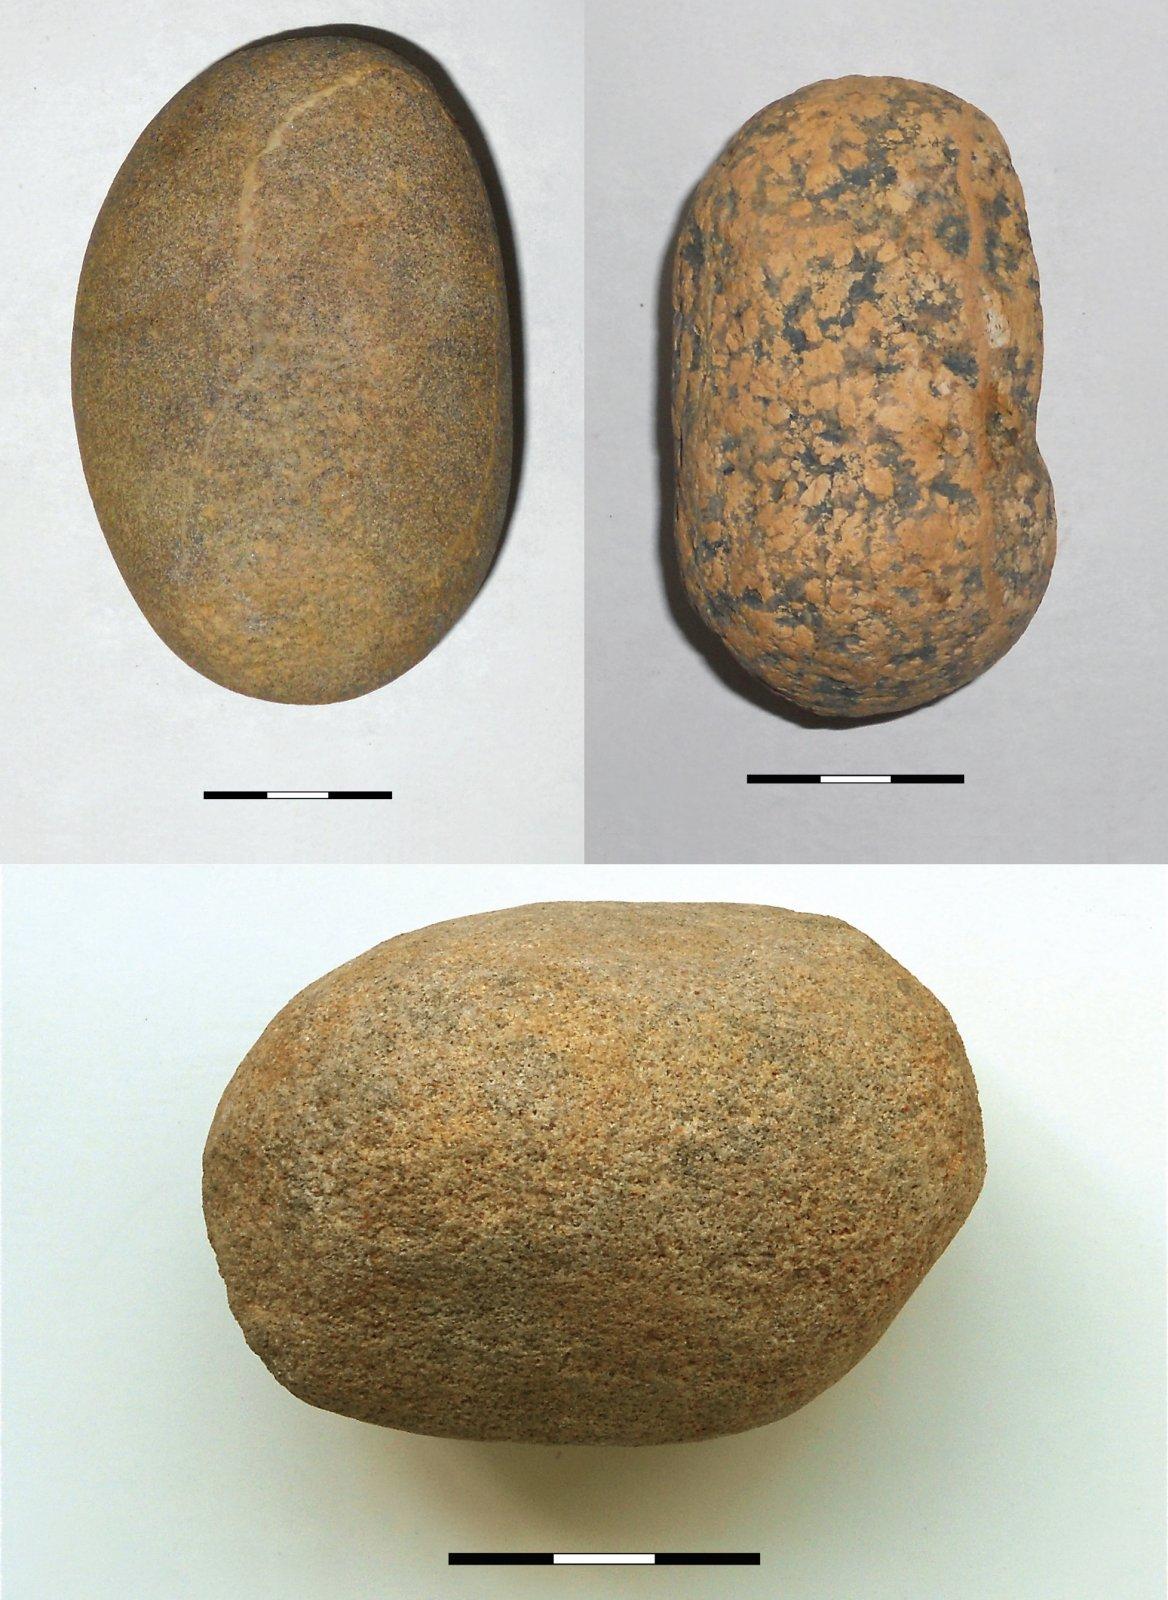 16 pav. Muštukai: a) Sudota 2, b) Sudota 2, c) Titnas 1A (Gabrielės Gudaitienės nuotrauka) / Fig. 16. Battering stones: a) Sudota 2, b) Sudota 2, c) Titnas 1A